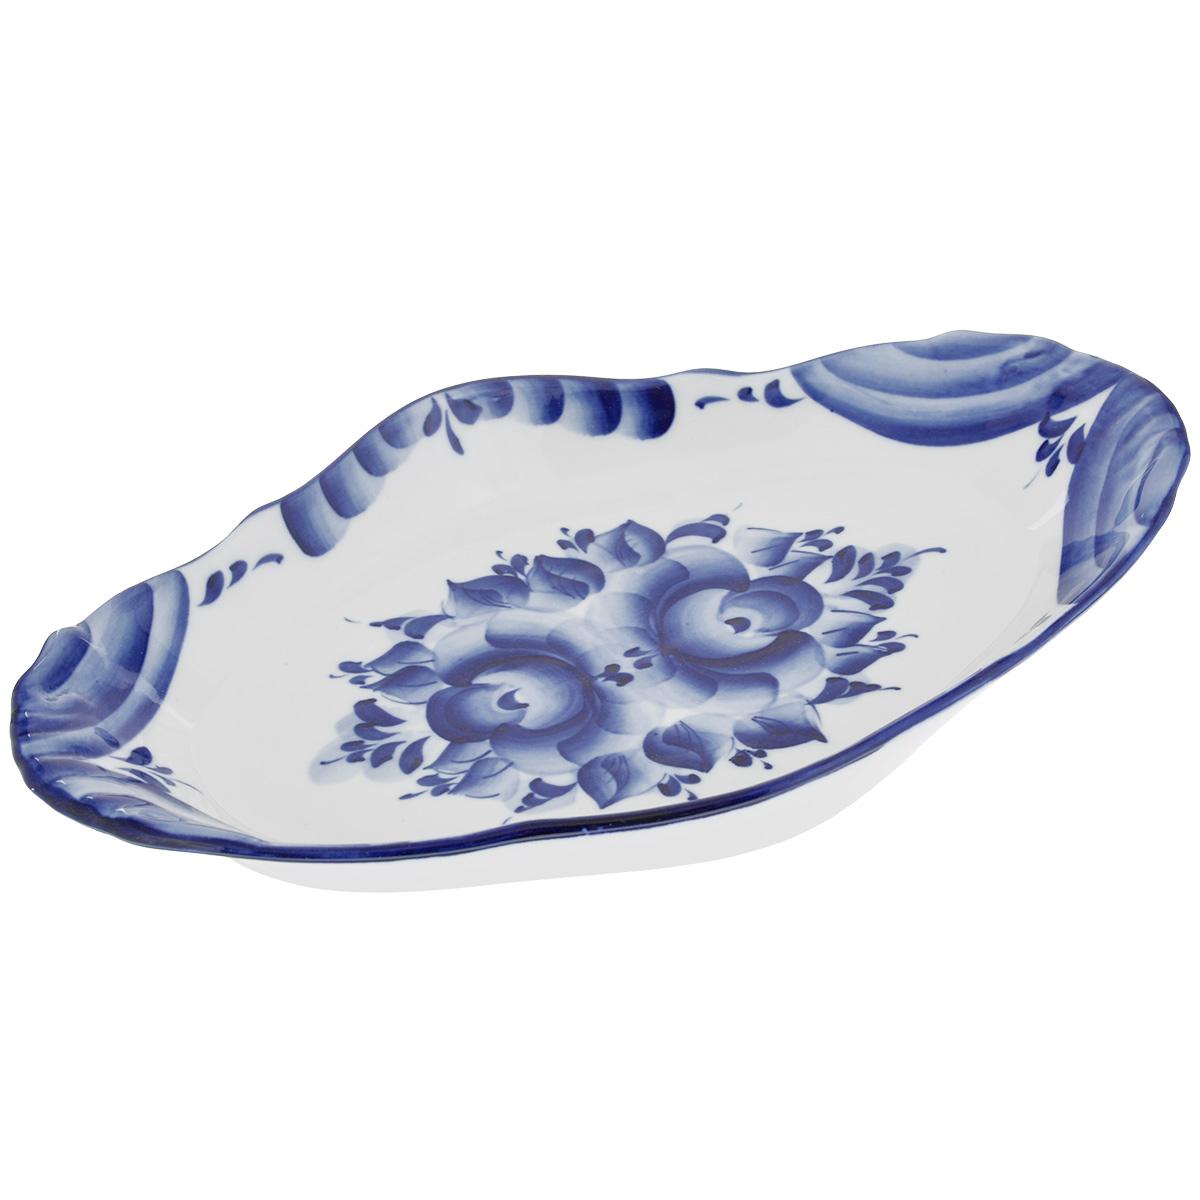 Блюдо Большое, цвет: белый, синий, 30,5 х 18 см 993011201993011201Блюдо Большое, изготовленное из фарфора, доставит истинное удовольствие ценителям прекрасного. Блюдо выполнено в стиле гжель и расписано вручную. Яркий дизайн, несомненно, придется вам по вкусу. Блюдо Большое украсит ваш кухонный стол, а также станет замечательным подарком к любому празднику. Не применять абразивные чистящие средства. Не использовать в микроволновой печи. Мыть с применением нейтральных моющих средств. Не рекомендуется использовать в посудомоечных машинах. Размеры блюда: 30,5 см х 18 см х 3 см.